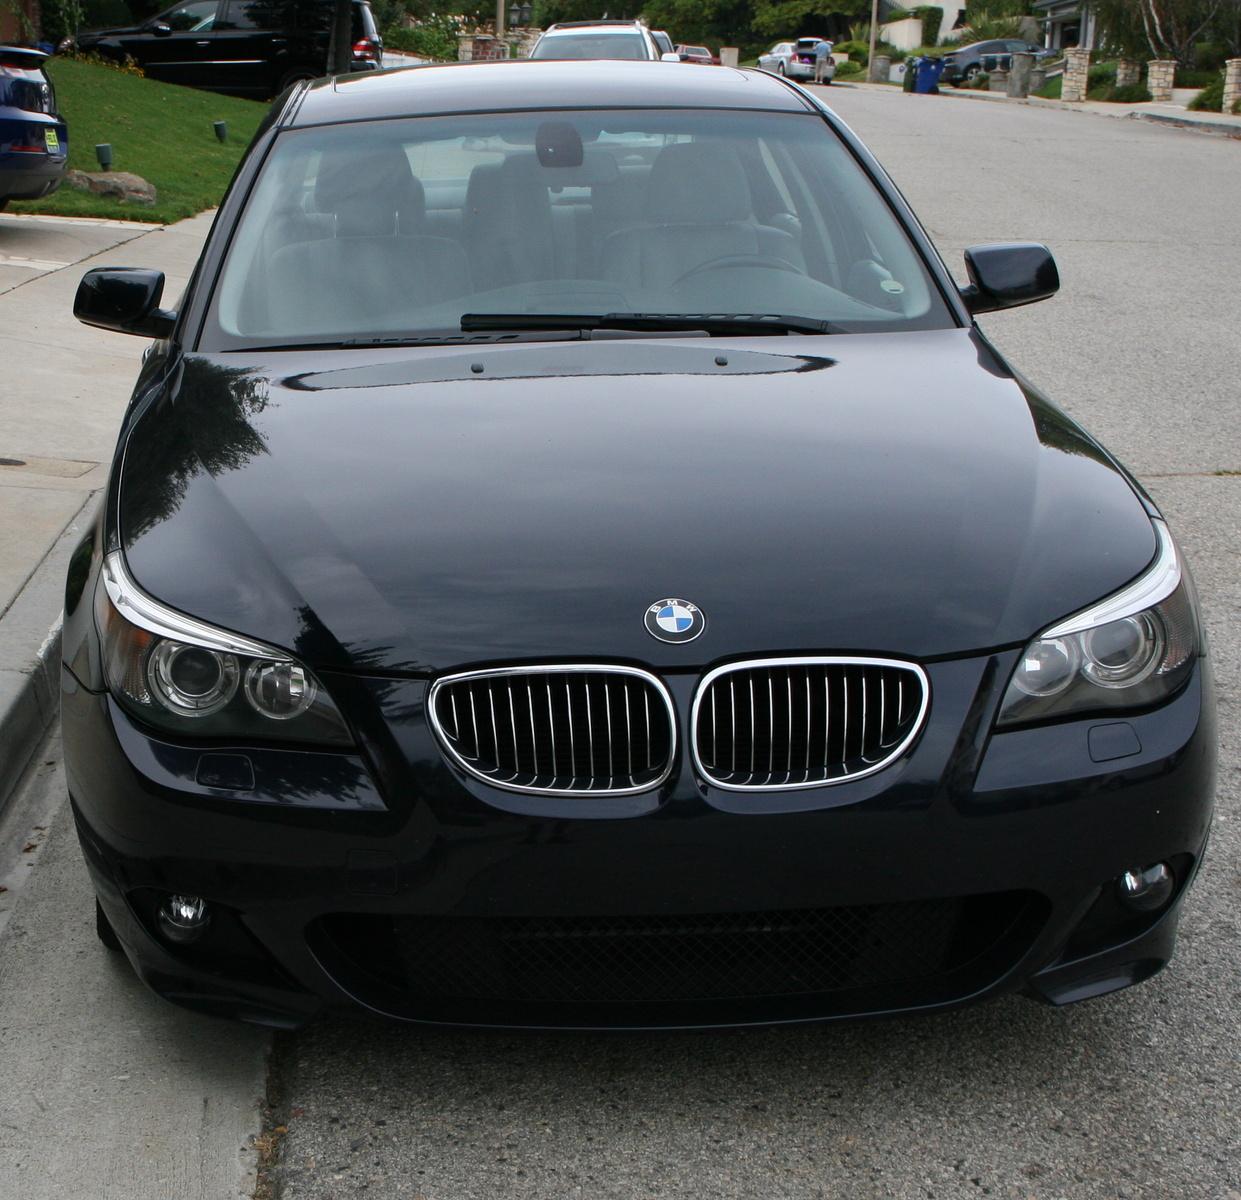 2007 Bmw 530 Xi: 2006 BMW 5 Series